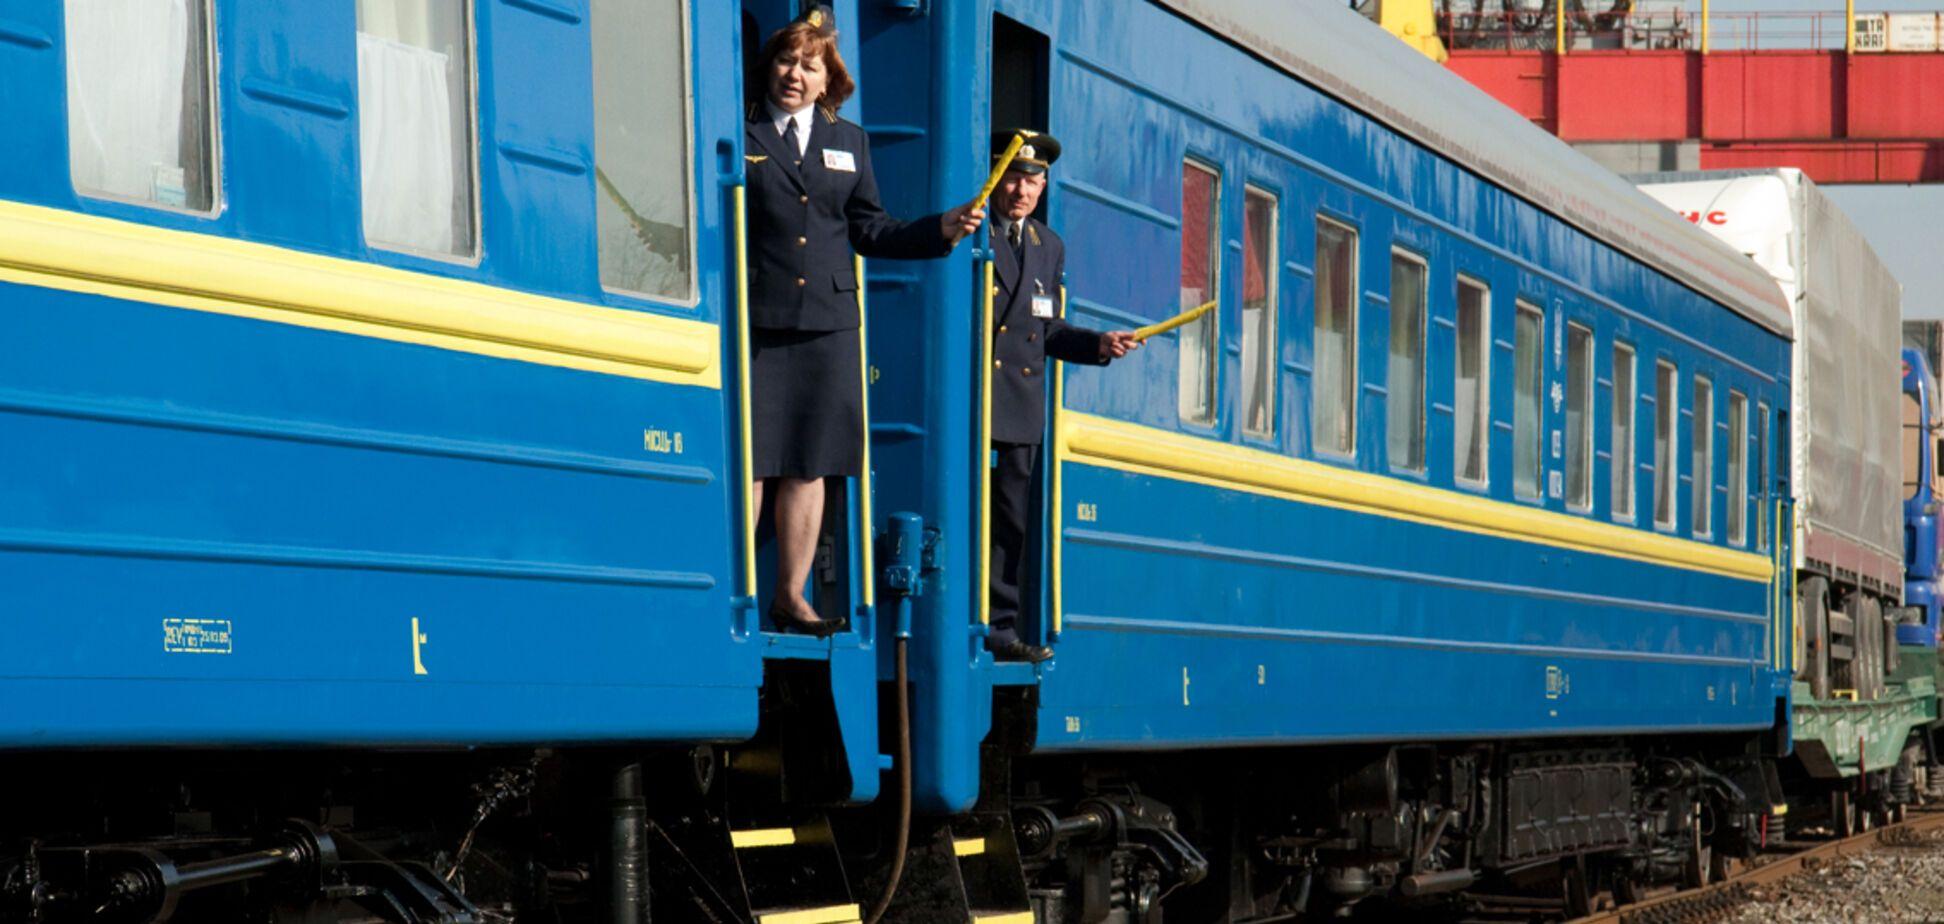 Хоть умирай – никто не поможет: стало известно о ЧП в поезде 'Укрзалізниці'